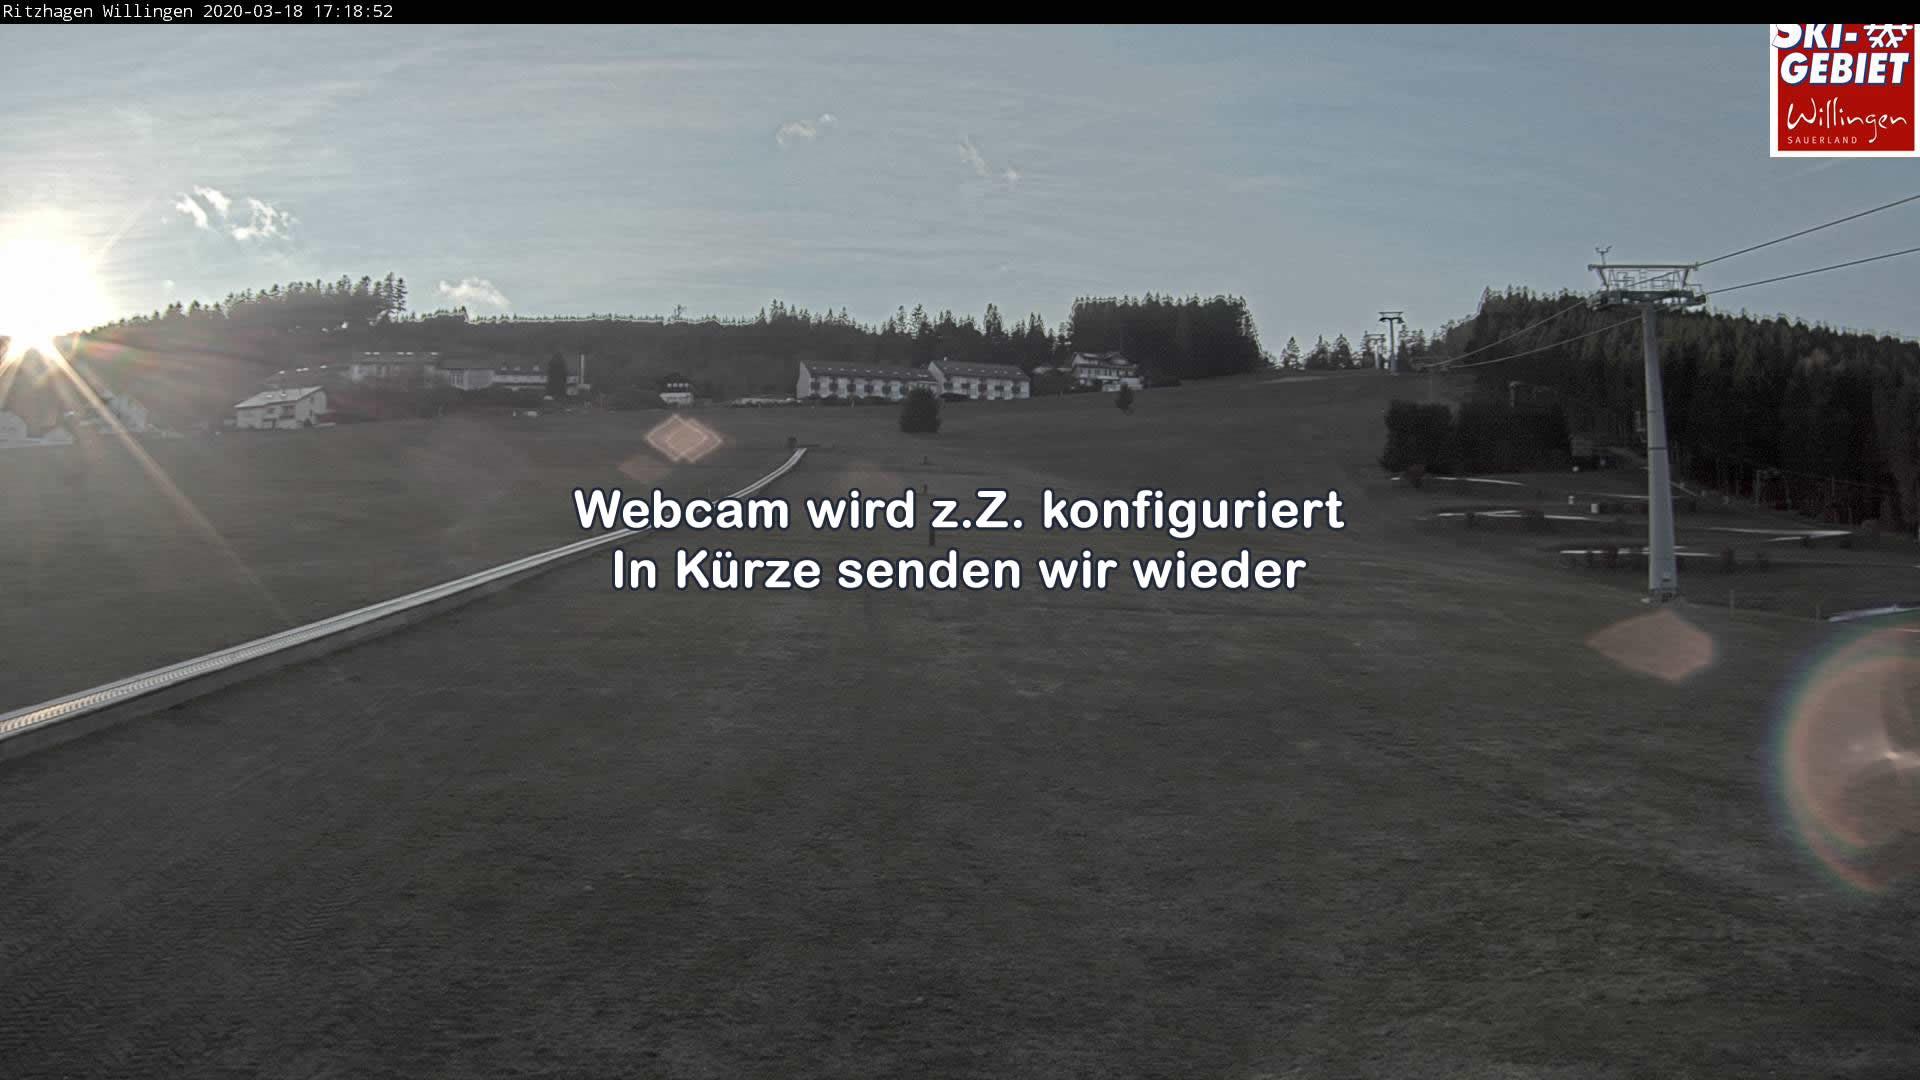 Skigebiet Willingen - Webcam 7